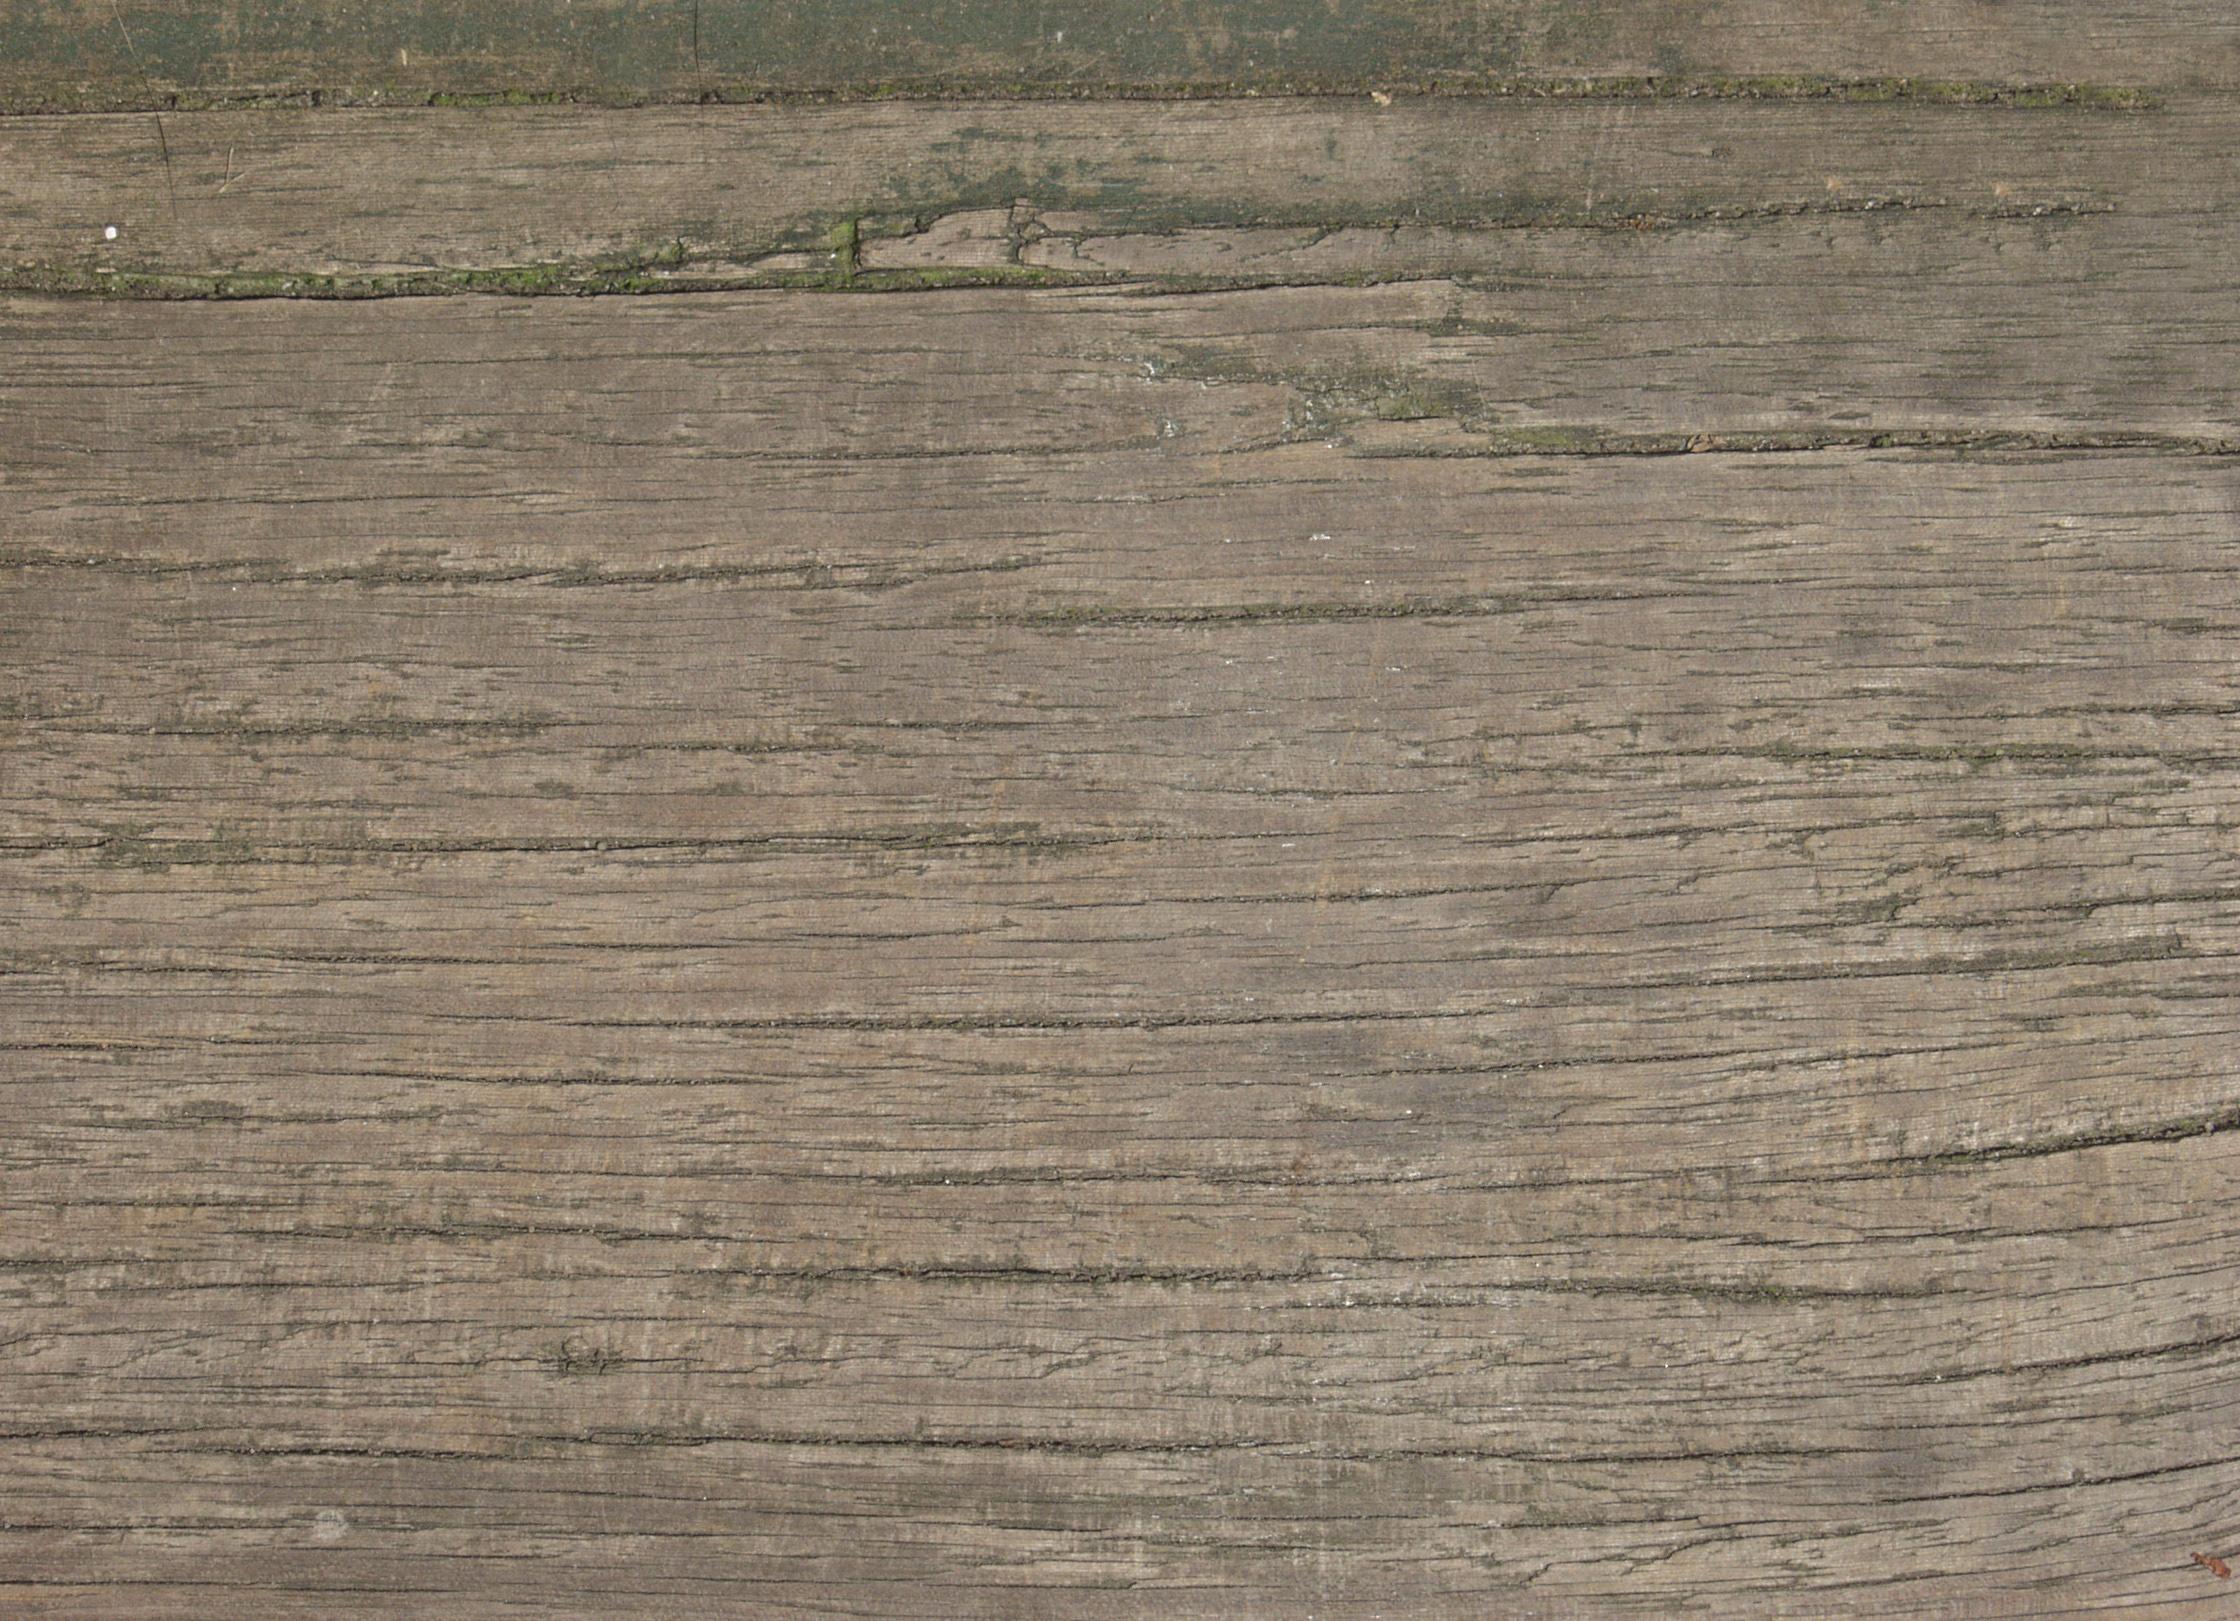 木材-残旧木(146)高清贴图【ID:736556848】